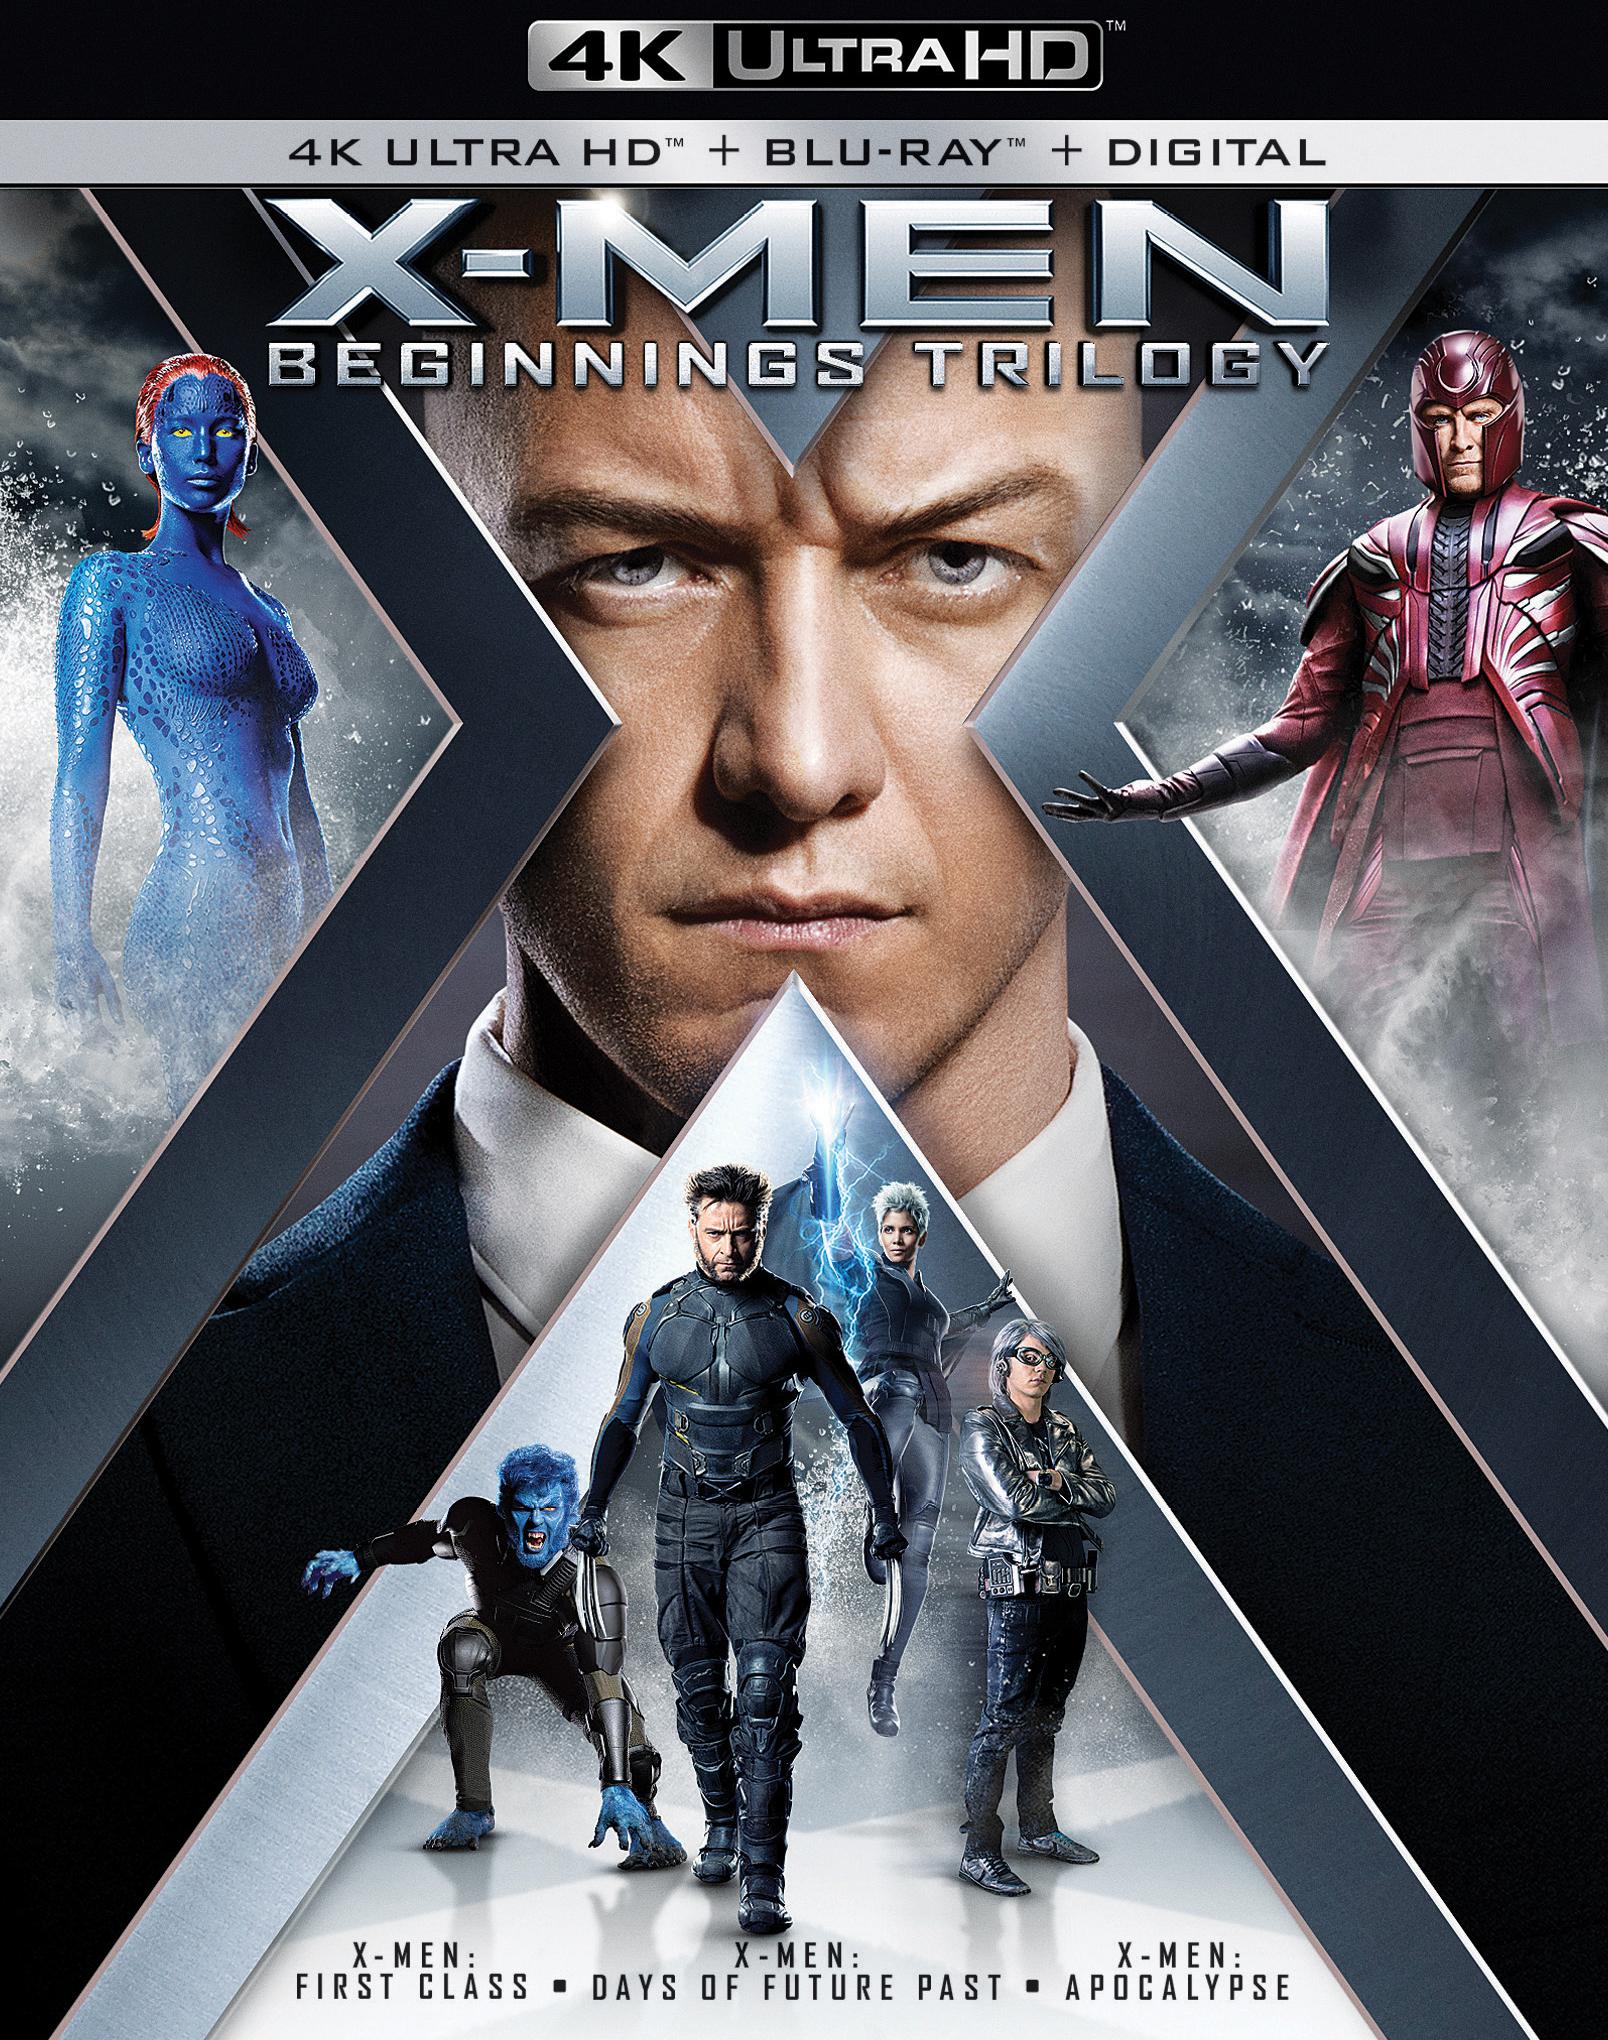 X-Men: Beginnings Trilogy (4K Ultra HD Blu-ray)(Pre-order / Apr 30)